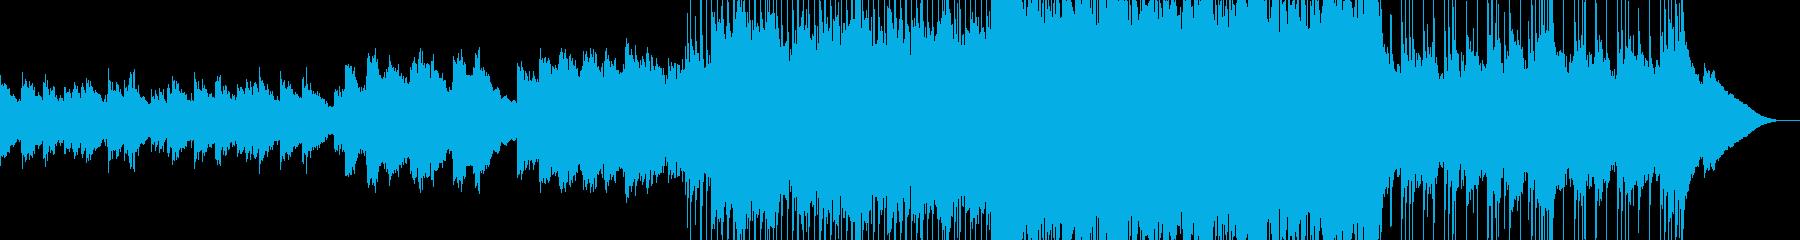 ピアノが奏でる!壮大なオープニングBGMの再生済みの波形